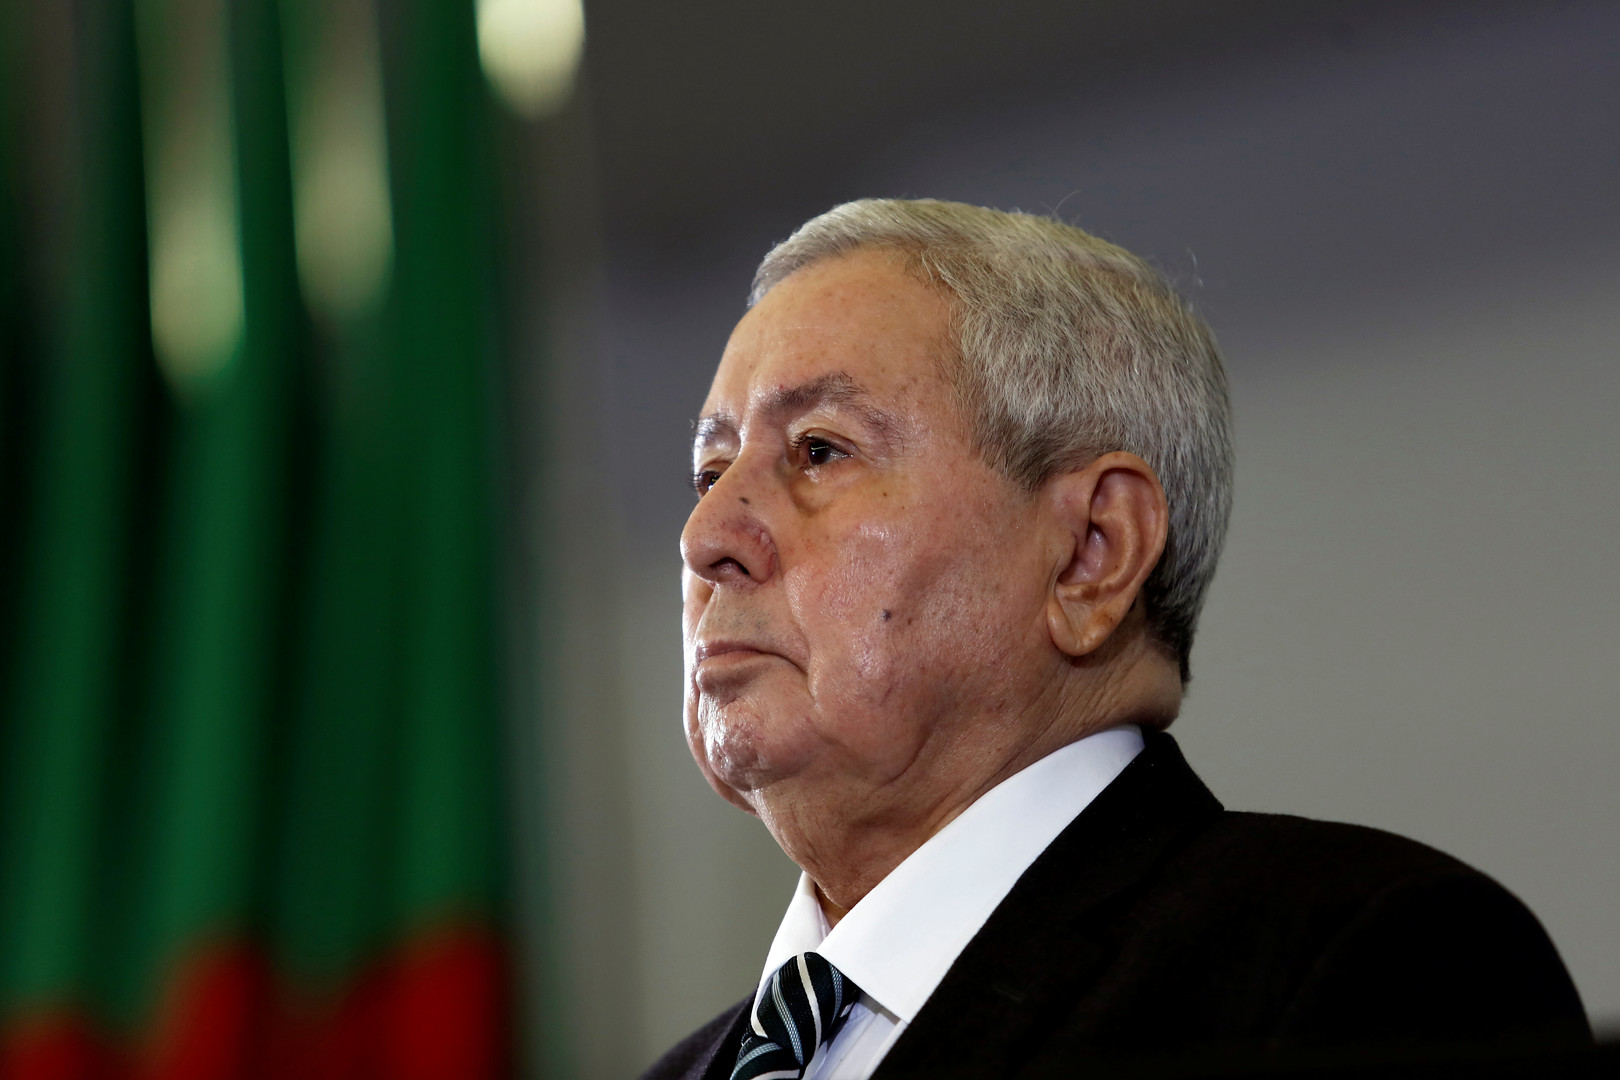 القضاء الجزائري يستدعي رئيس الوزراء السابق ووزير المالية الحالي على خلفية قضايا فساد